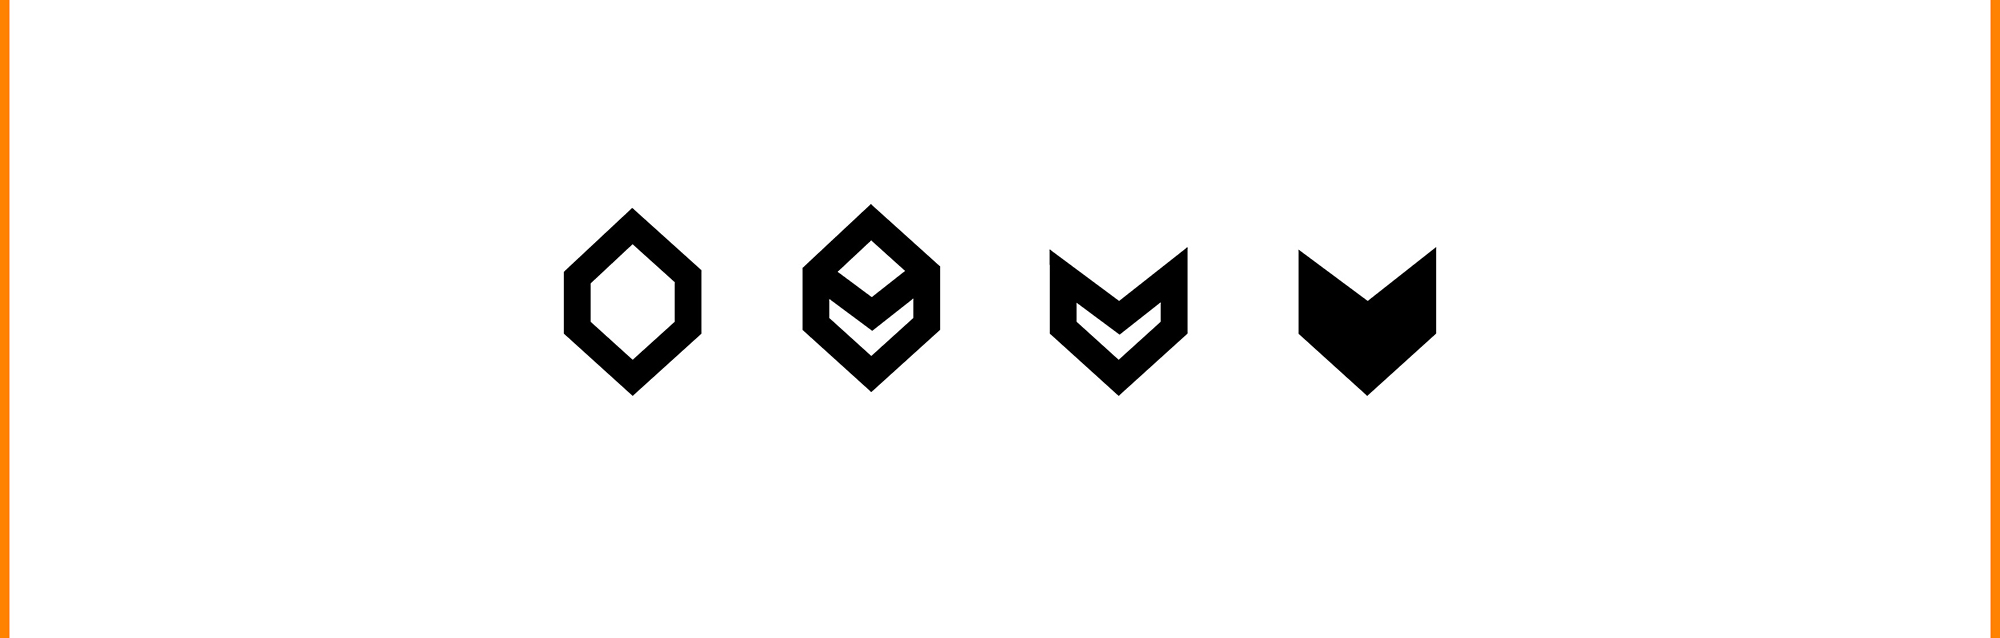 brandbook hop design by nina gregier (3)